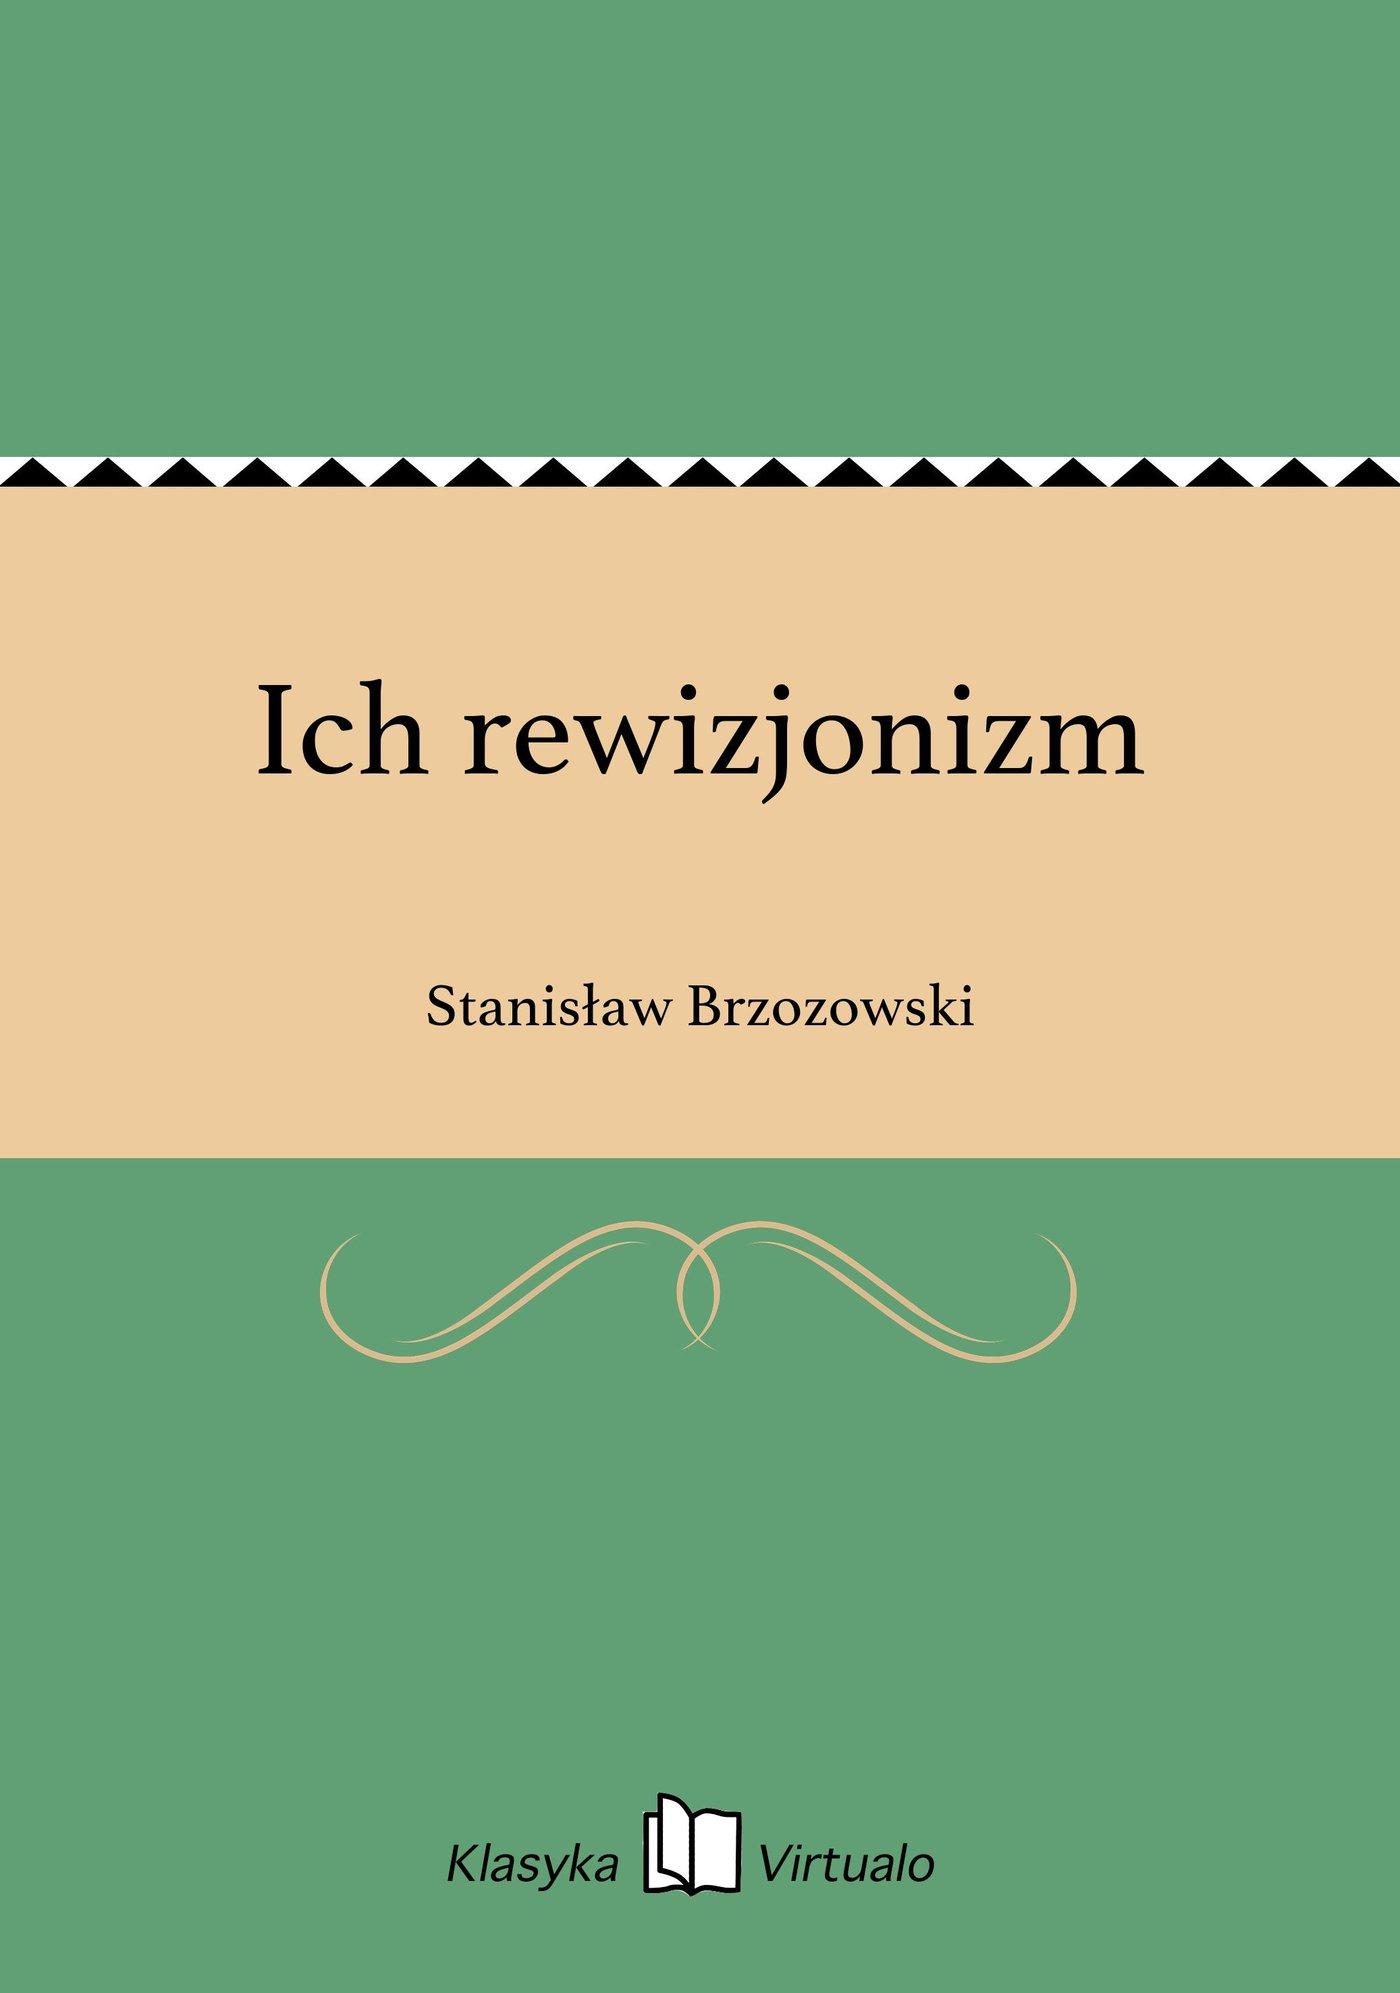 Ich rewizjonizm - Ebook (Książka na Kindle) do pobrania w formacie MOBI